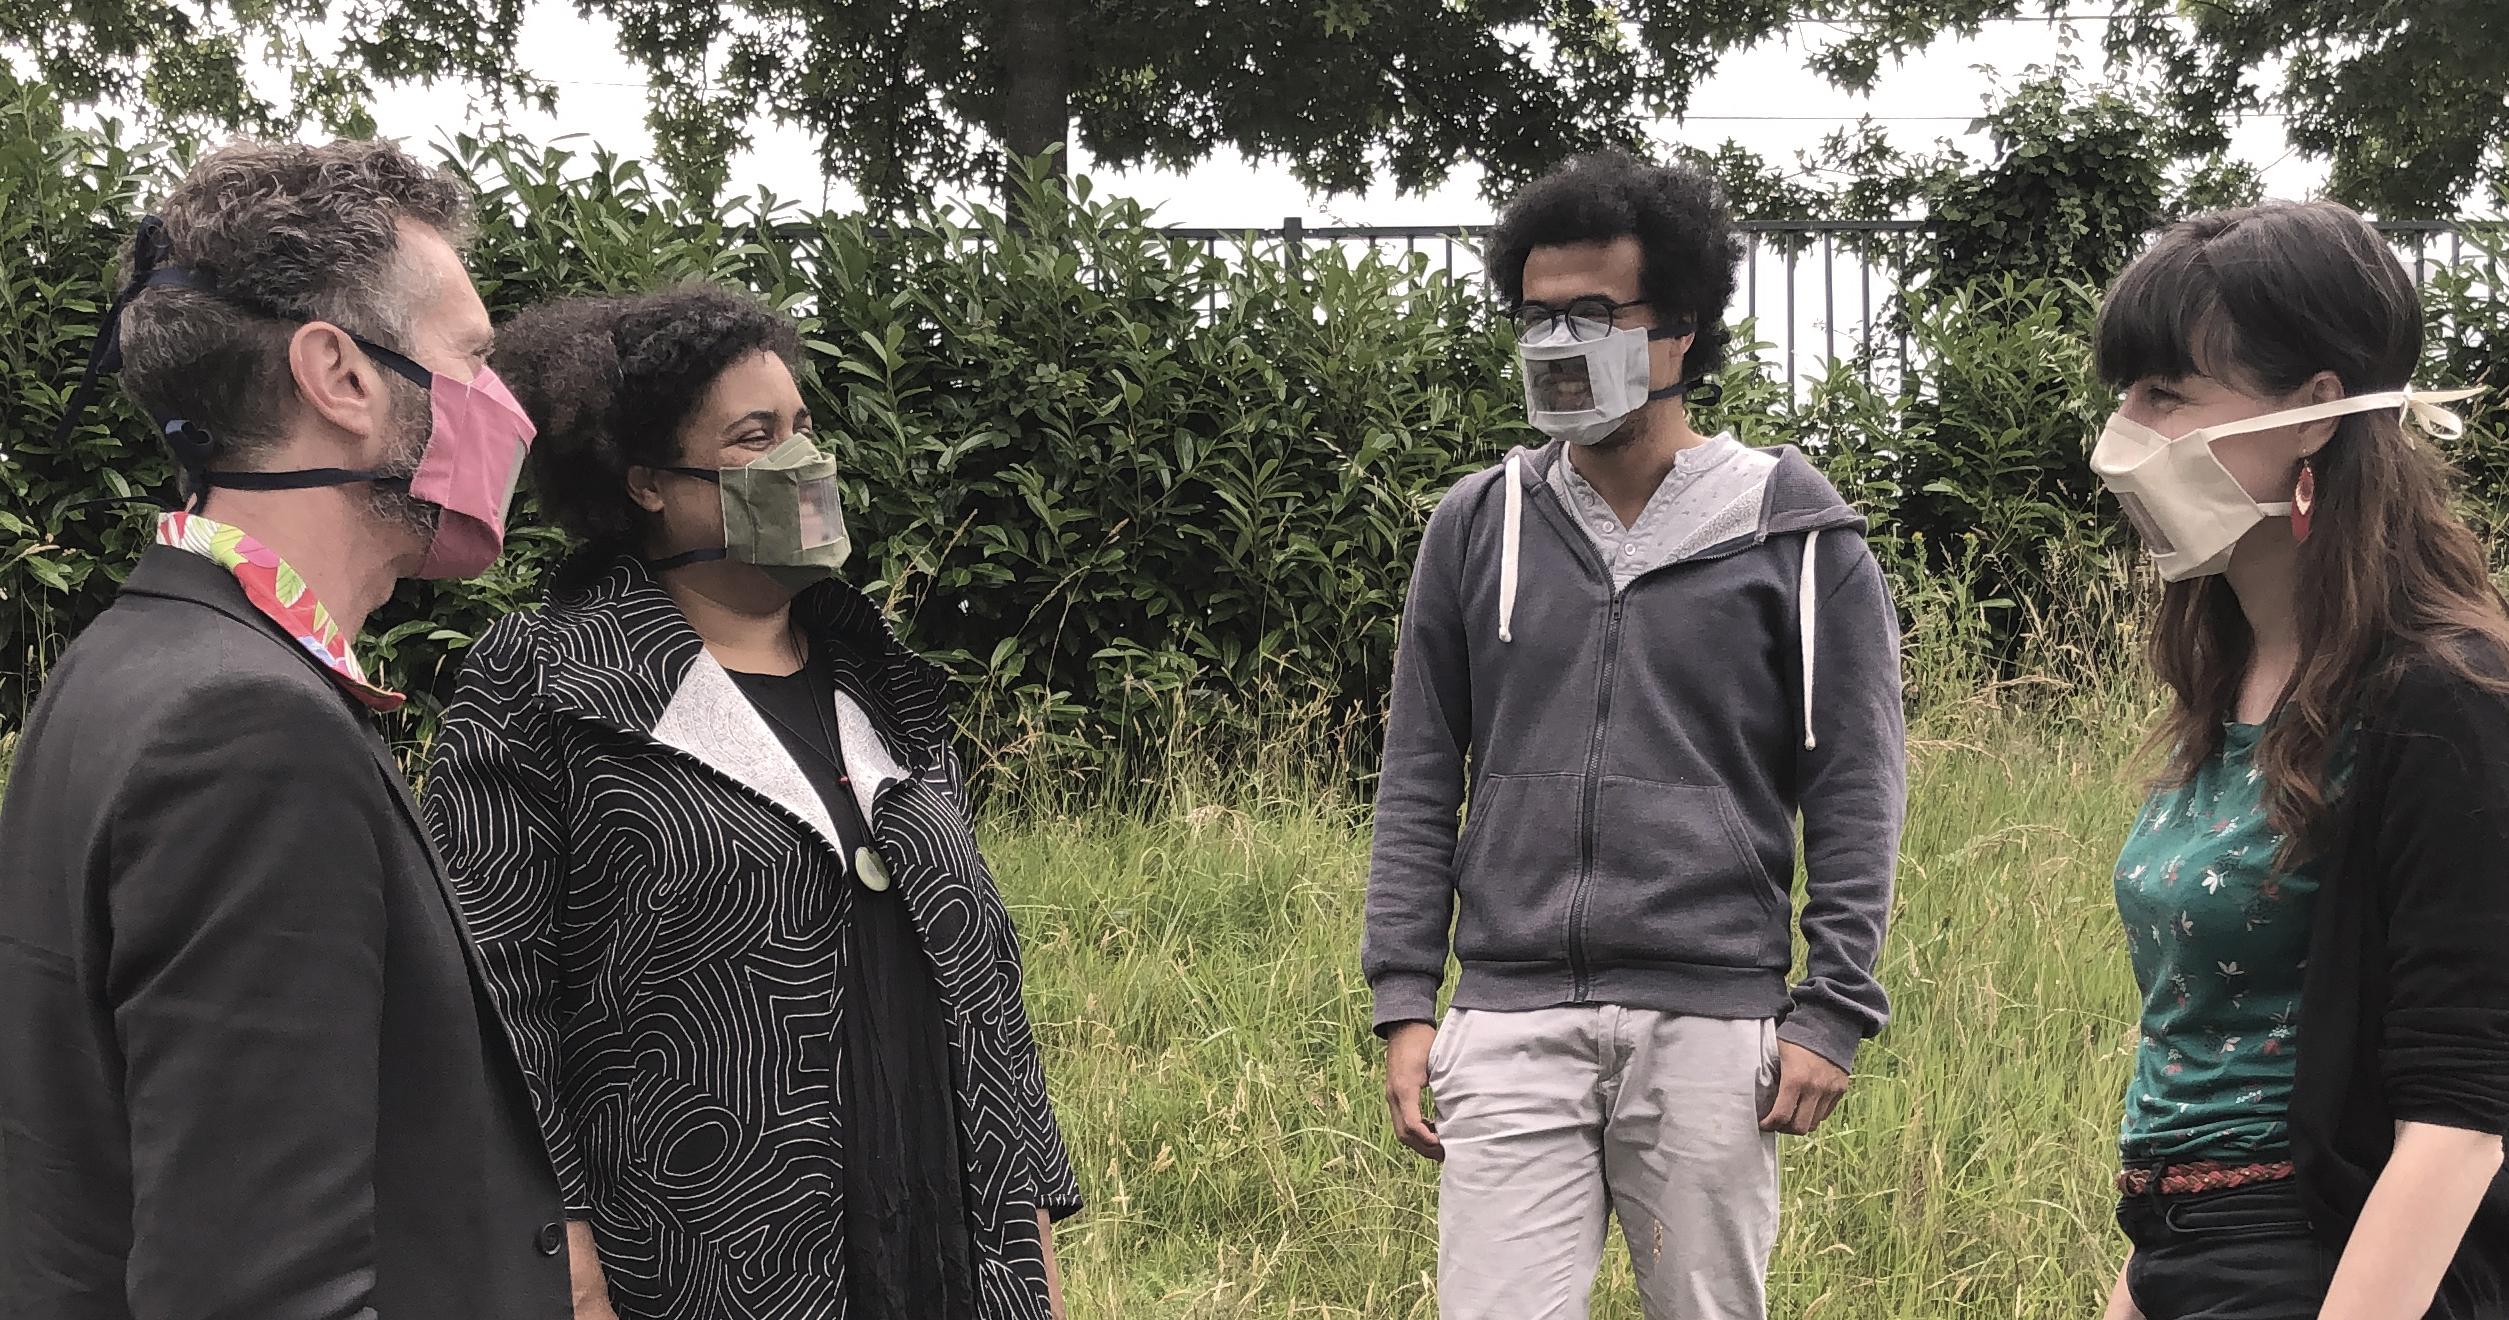 Le Messageur, Désormaiséquipéen Masques à Fenêtre Transparente